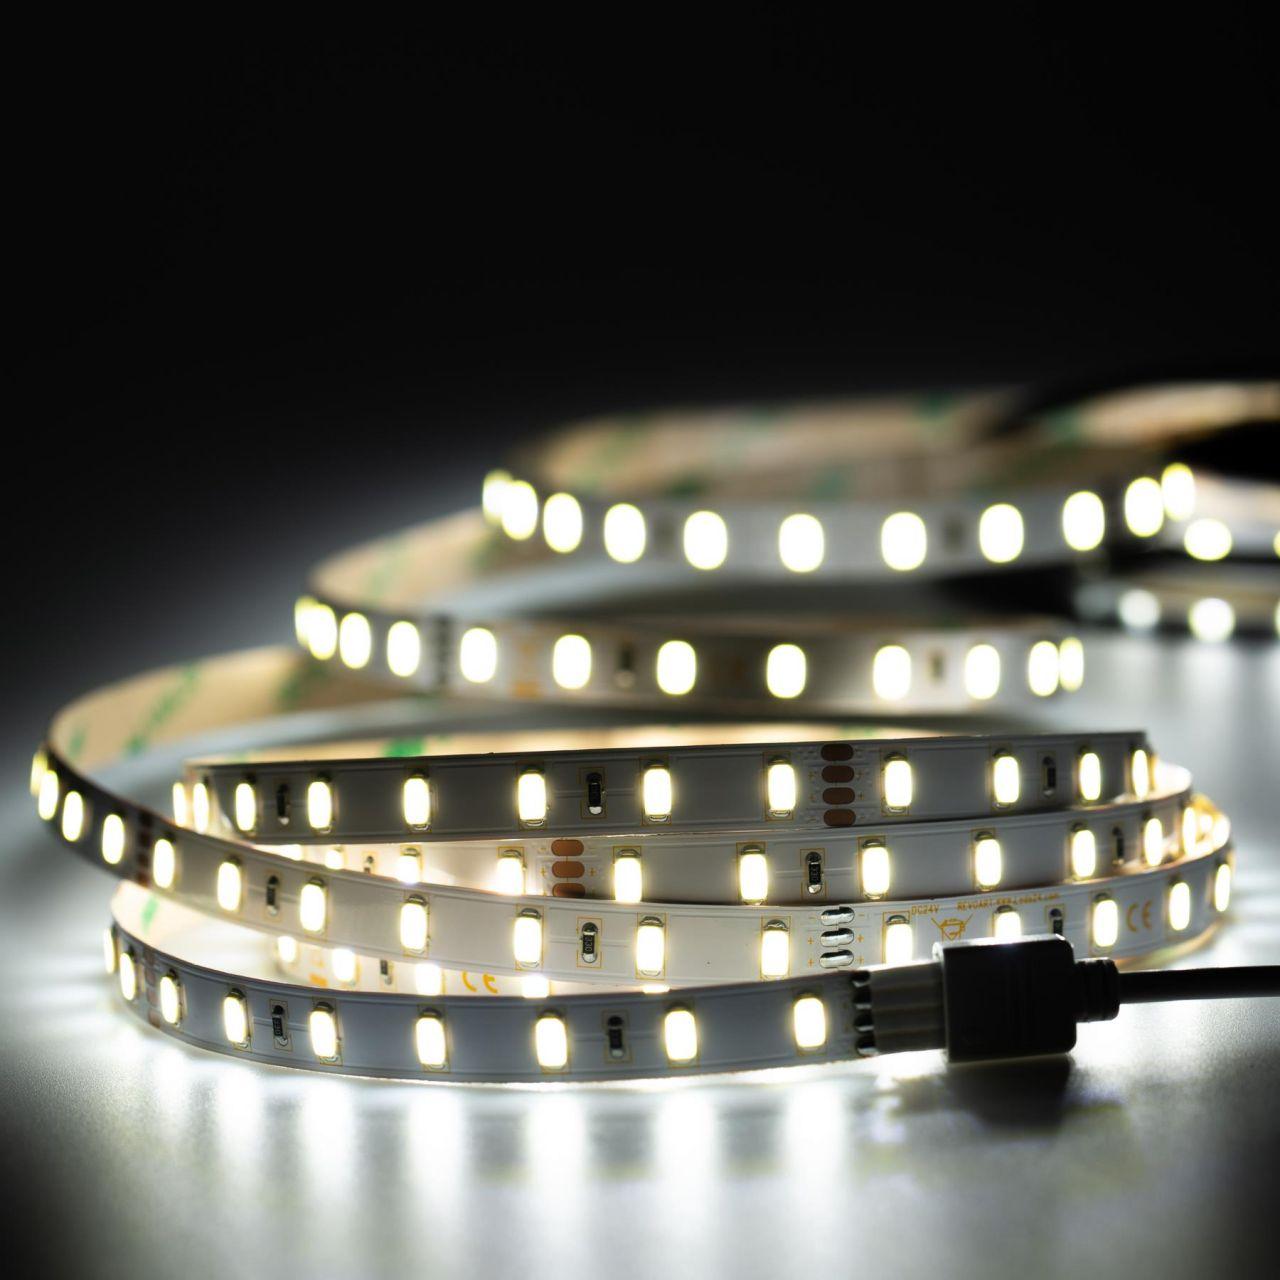 24V High-Power LED Streifen – weiß – 70 LEDs je Meter – alle 10cm teilbar